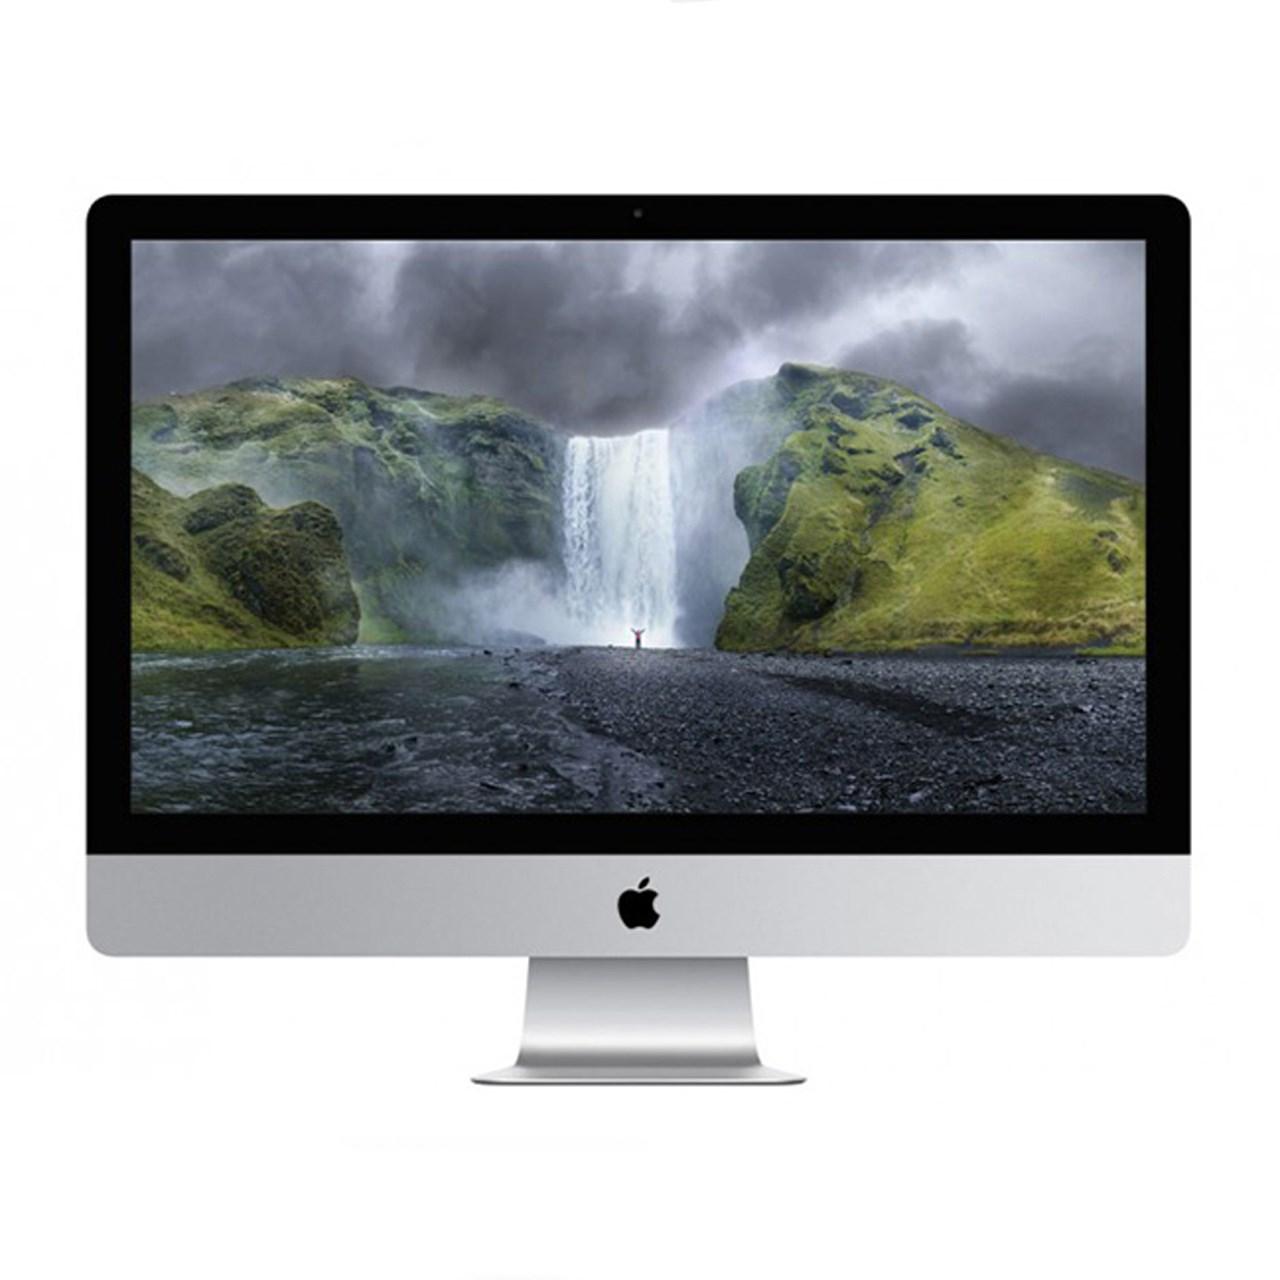 کامپیوتر همه کاره 21.5 اینچی اپل مدل iMac MNDY2 2017